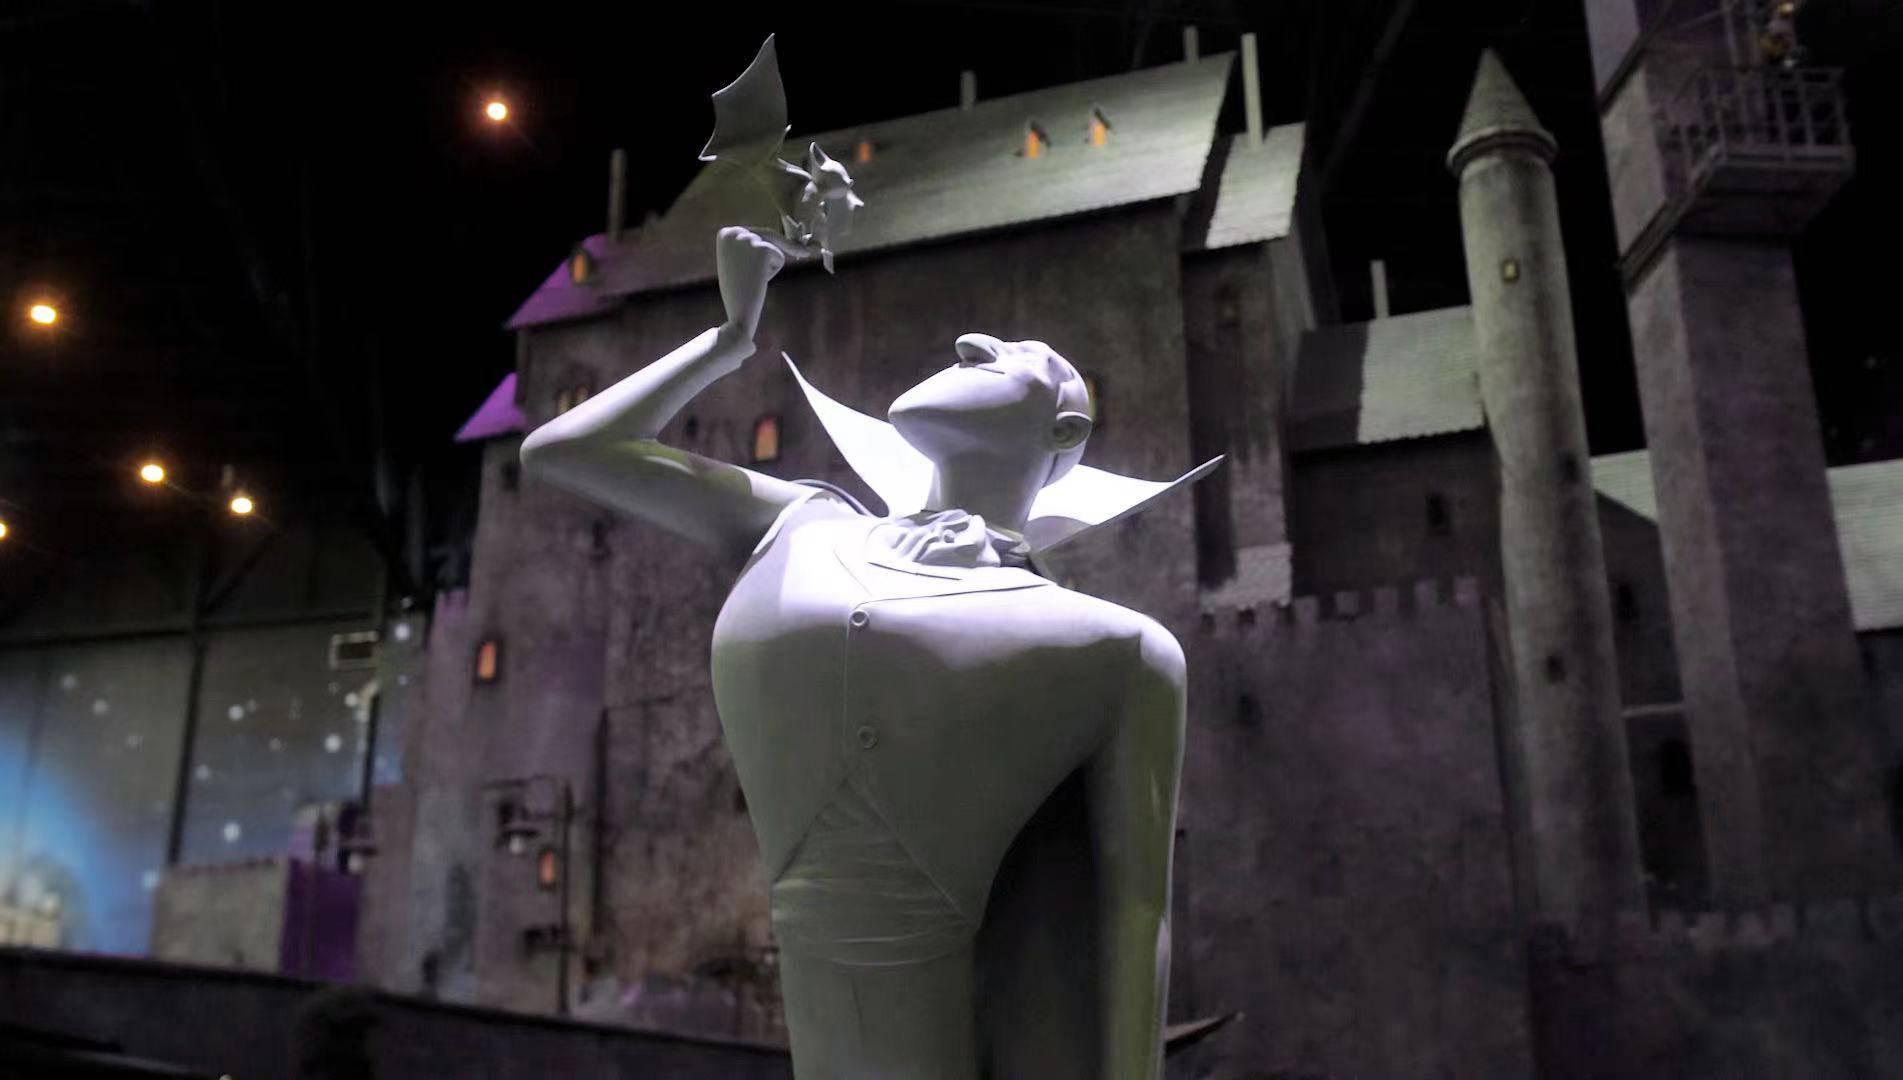 索尼影业《精灵旅社》落户莫斯科主题乐园 德古拉伯爵变身导游